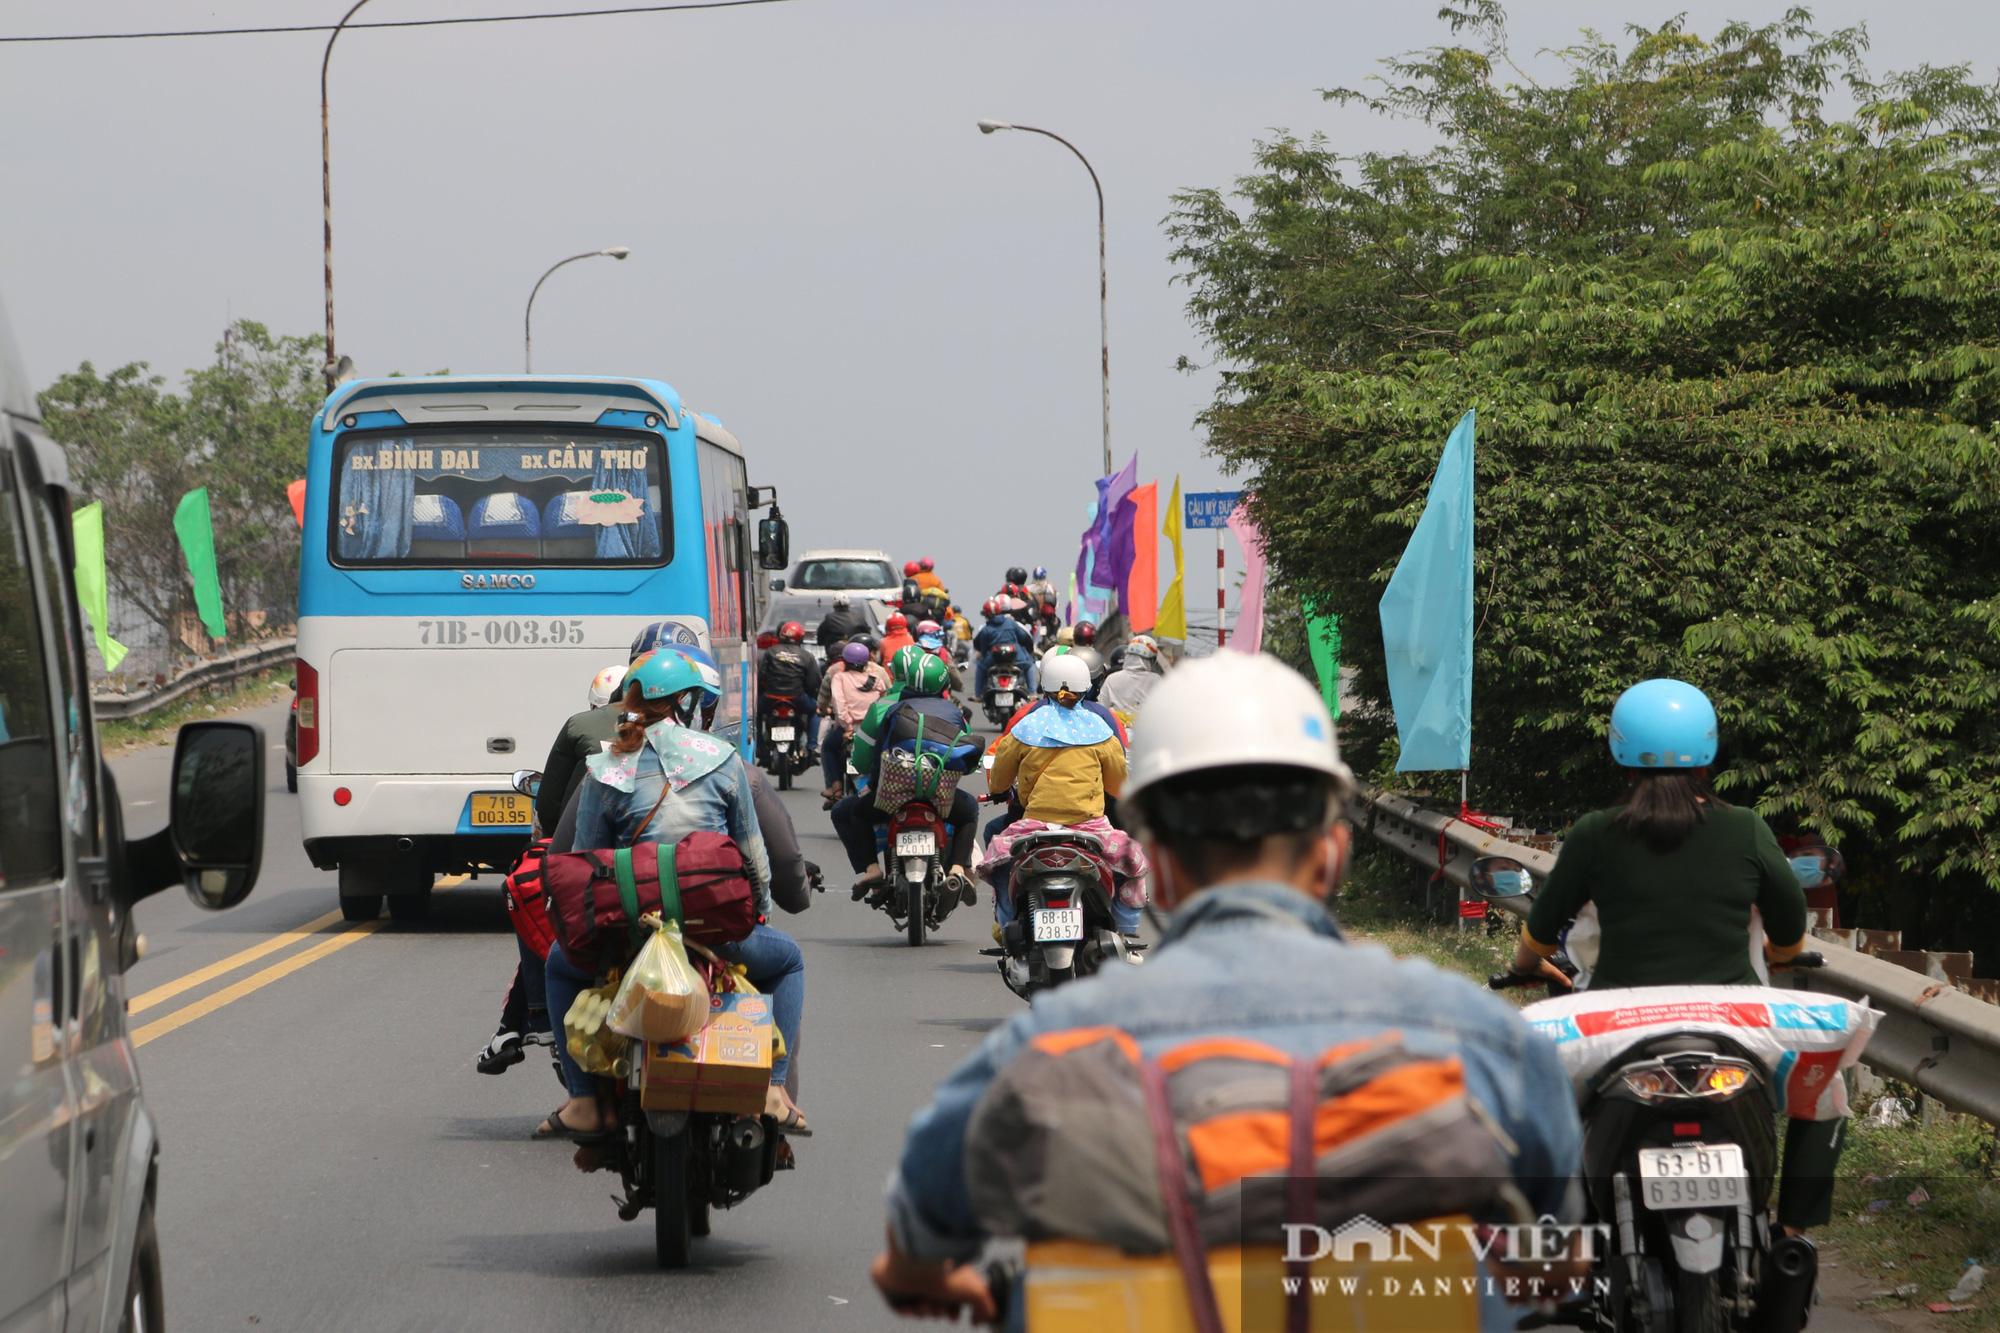 Người dân miền Tây về TP.HCM ngày mùng 5 Tết: Di chuyển dễ dàng - Ảnh 8.